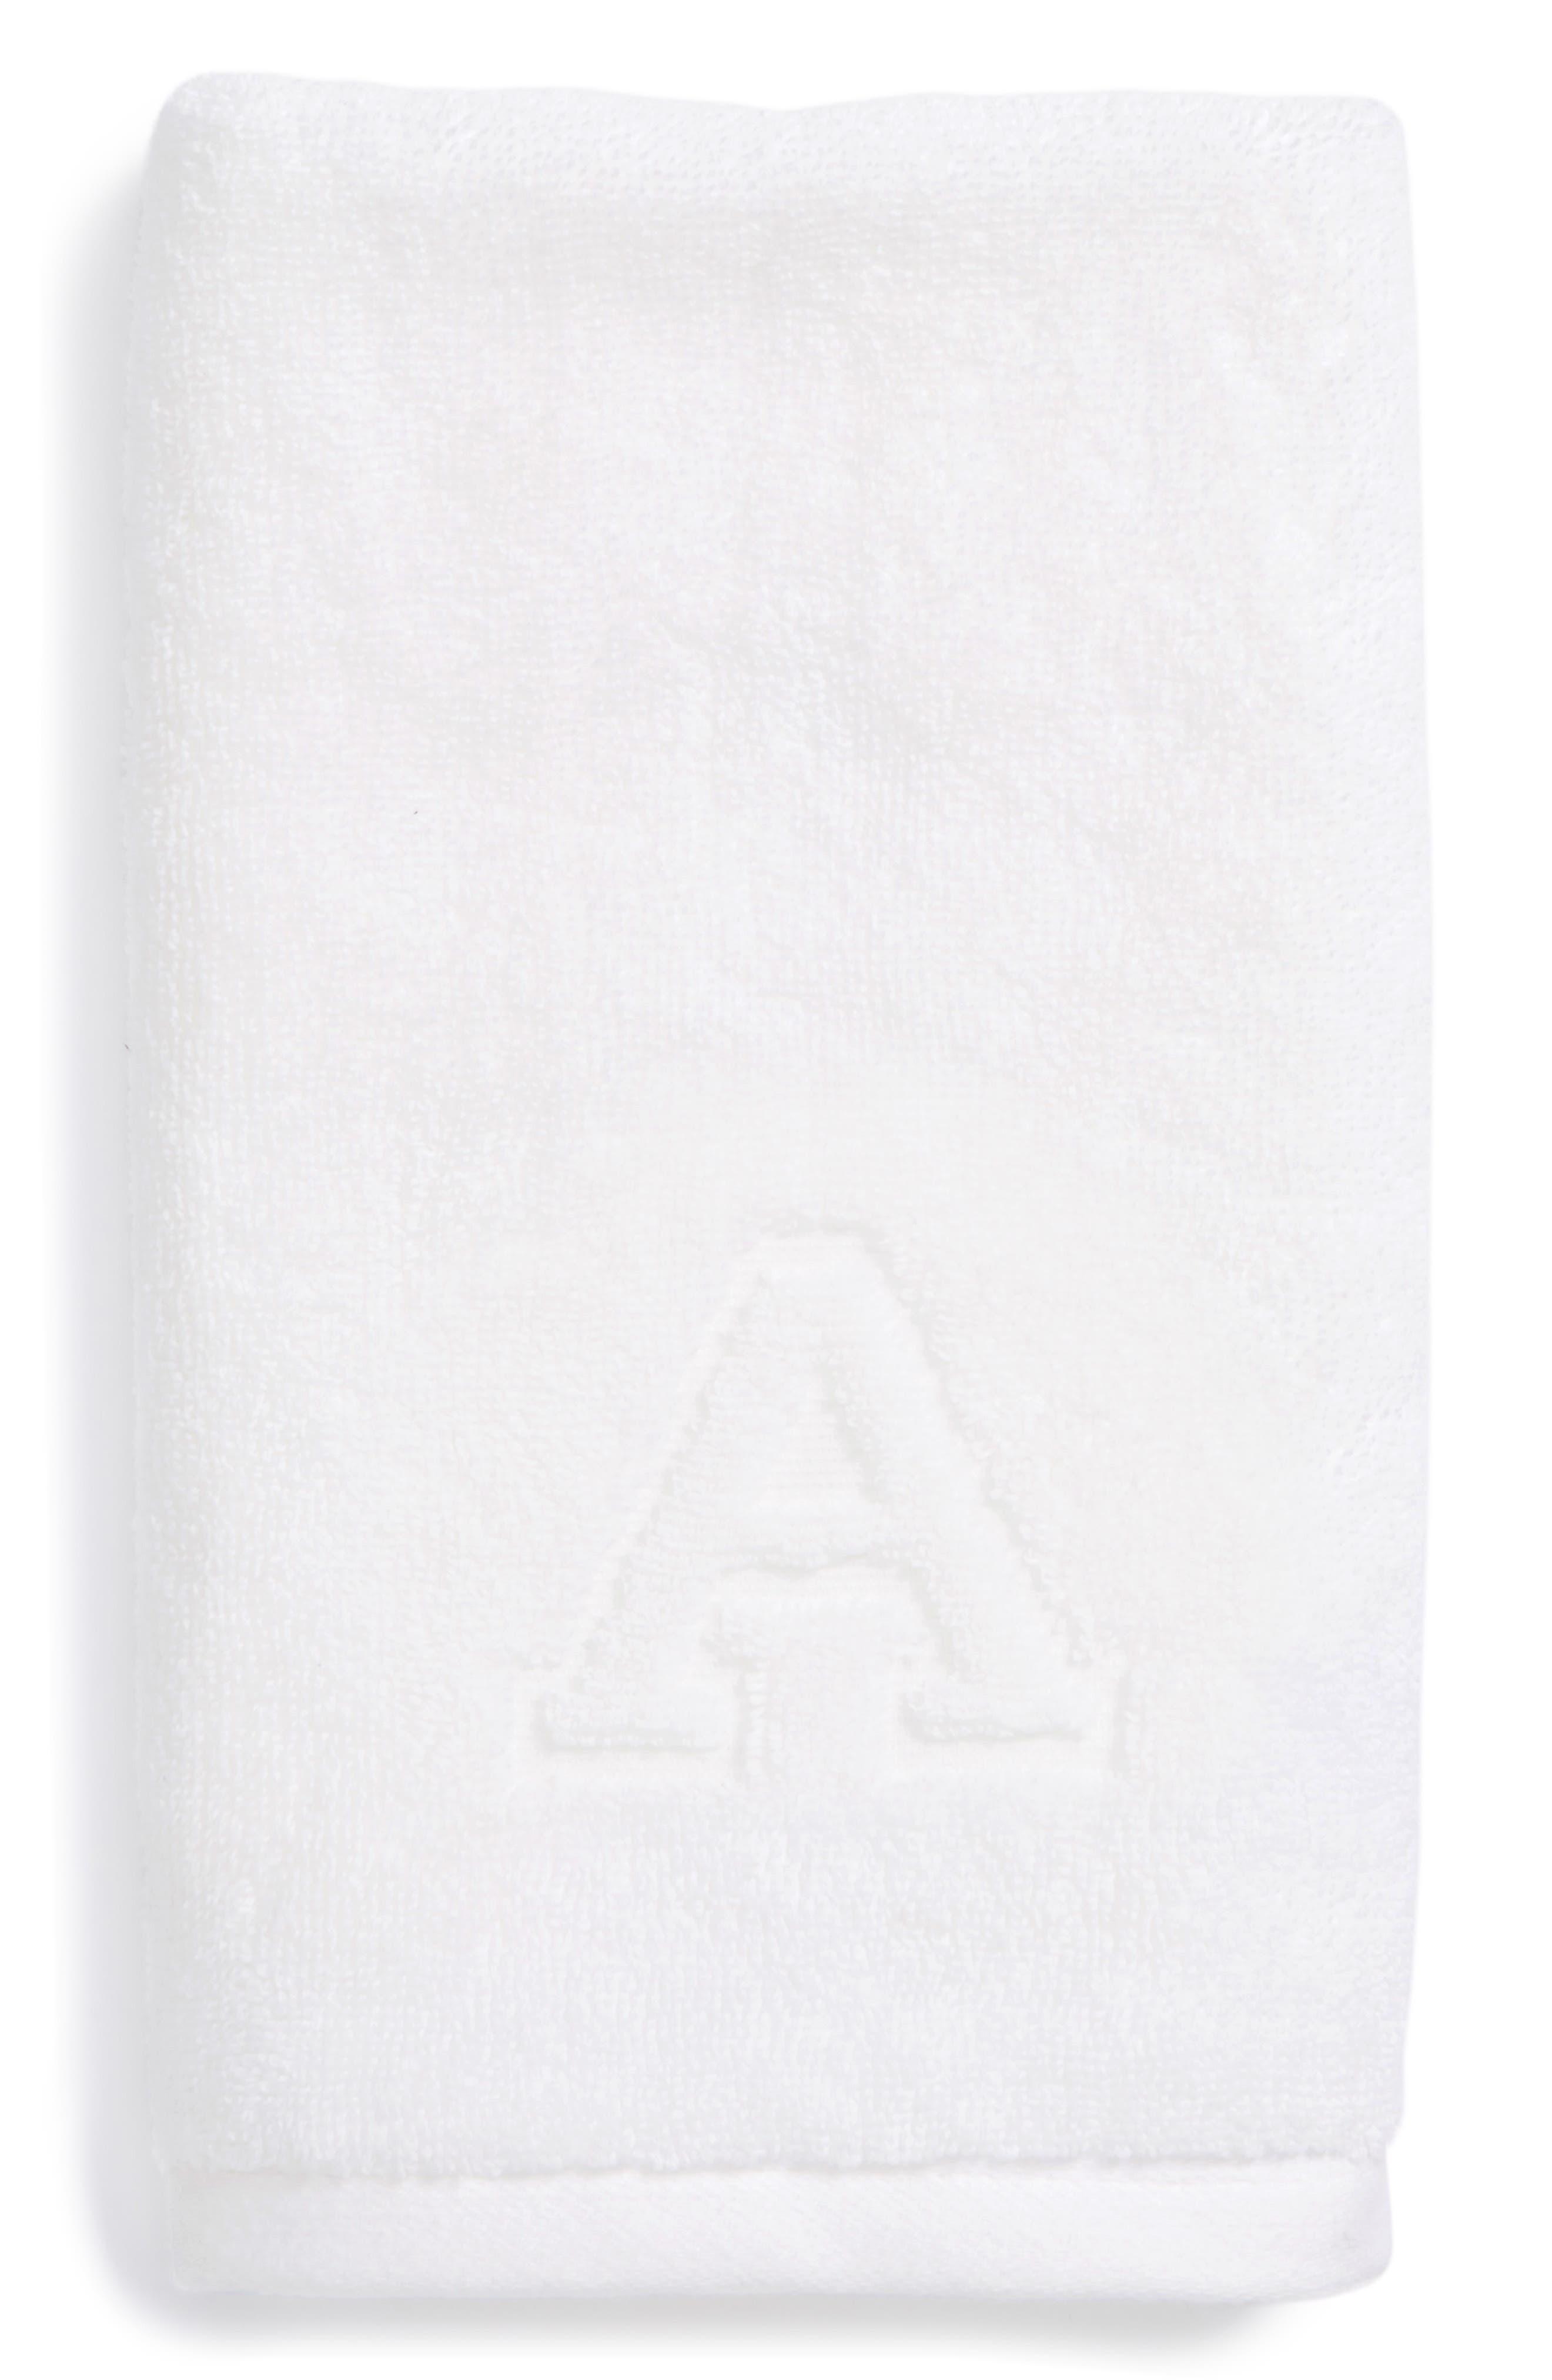 Auberge Fingertip Towel,                             Main thumbnail 1, color,                             100